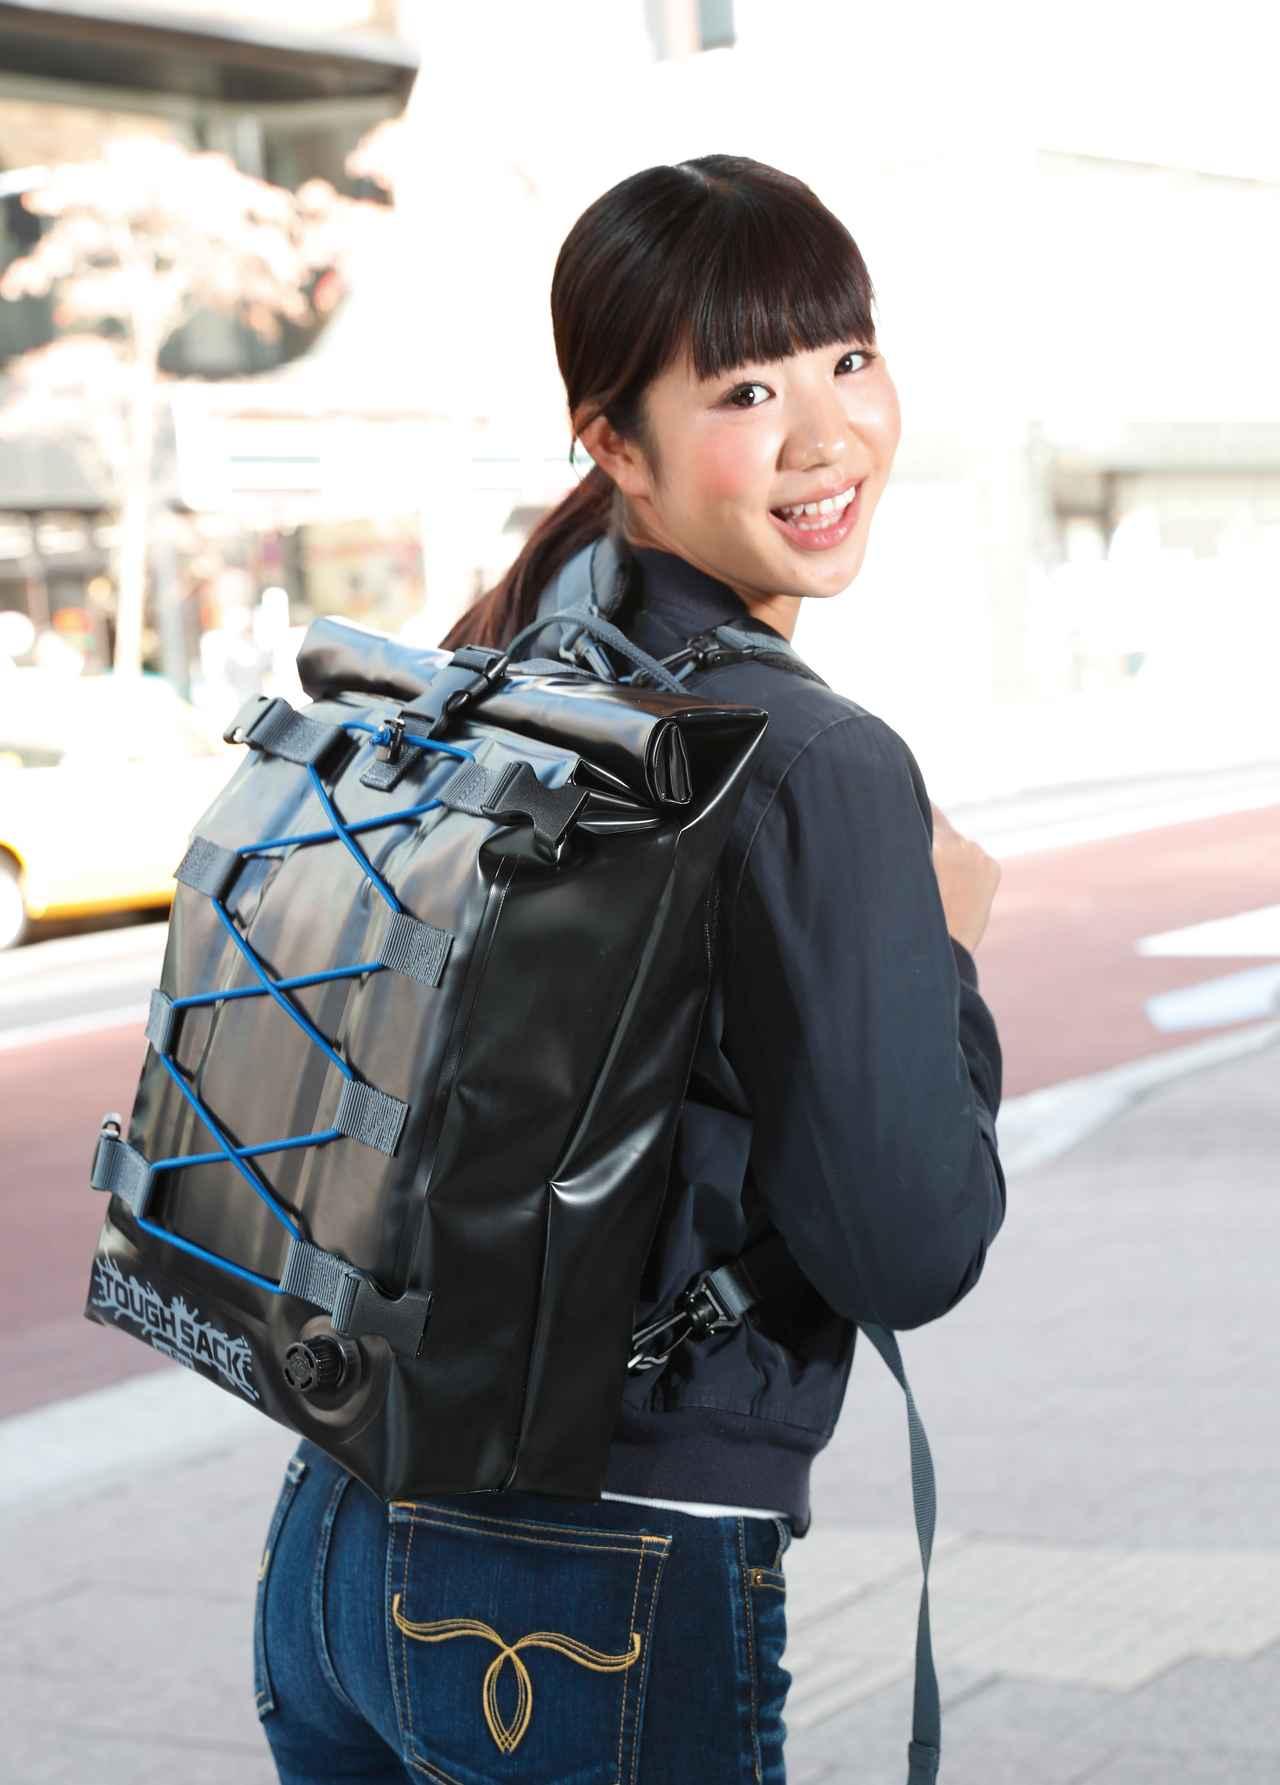 Images : 1番目の画像 - 「リュック&シートの2WAY防水バッグ『TANAX PITGEAR タフザックSQ15 MFK-255』#GEARS TEST(2019年)」のアルバム - webオートバイ